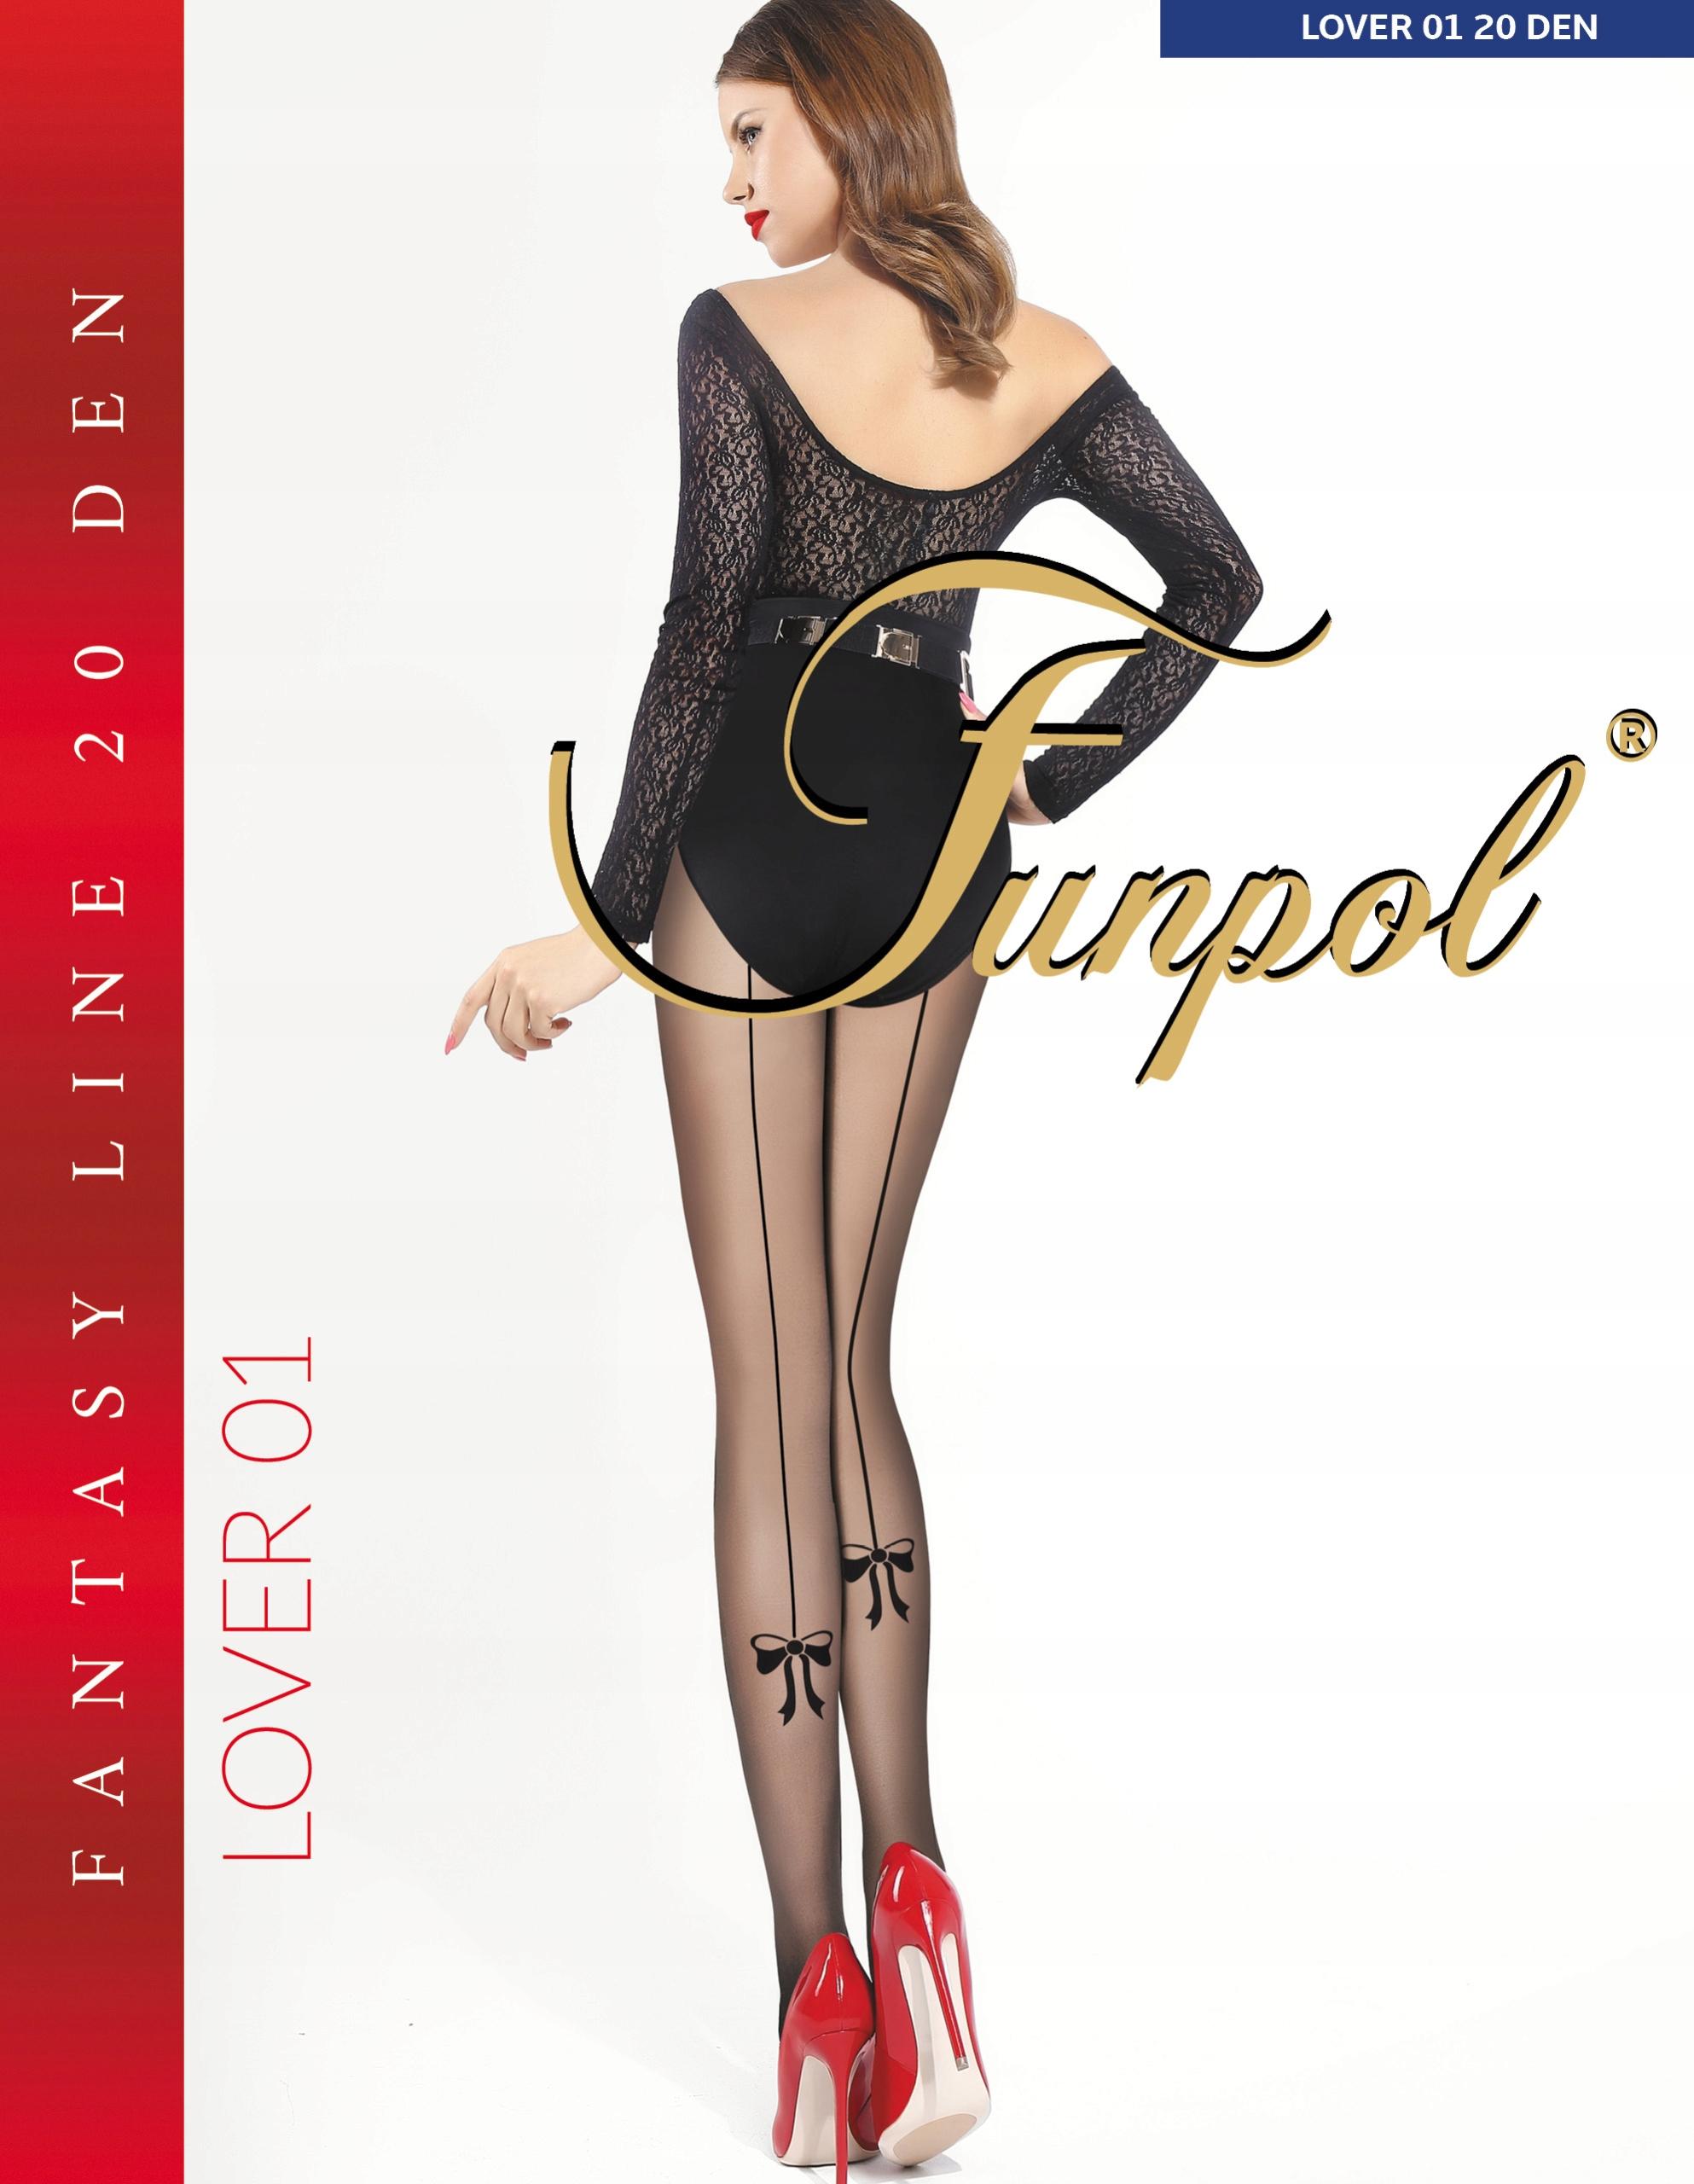 Sexy Rajstopy Fun-pol wzór Lover 01, 20 den 2/M